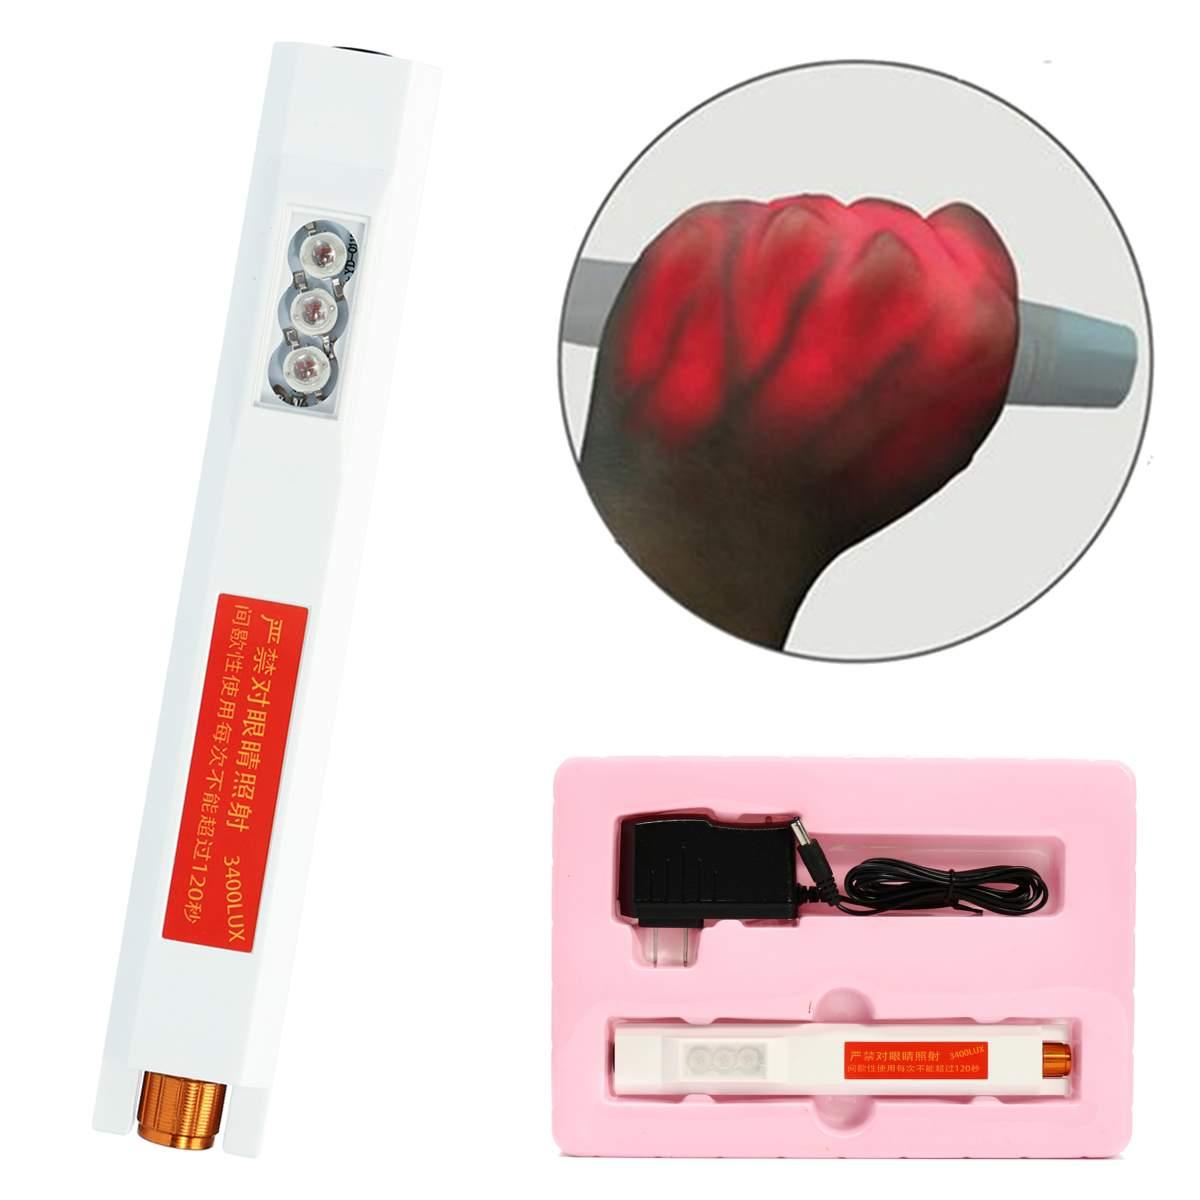 190x24x35mm Infrared Vein Viewer Finder Transilluminator Find Veins For Phlebotomy IV 20W Measurement Analysis Instrument Tool